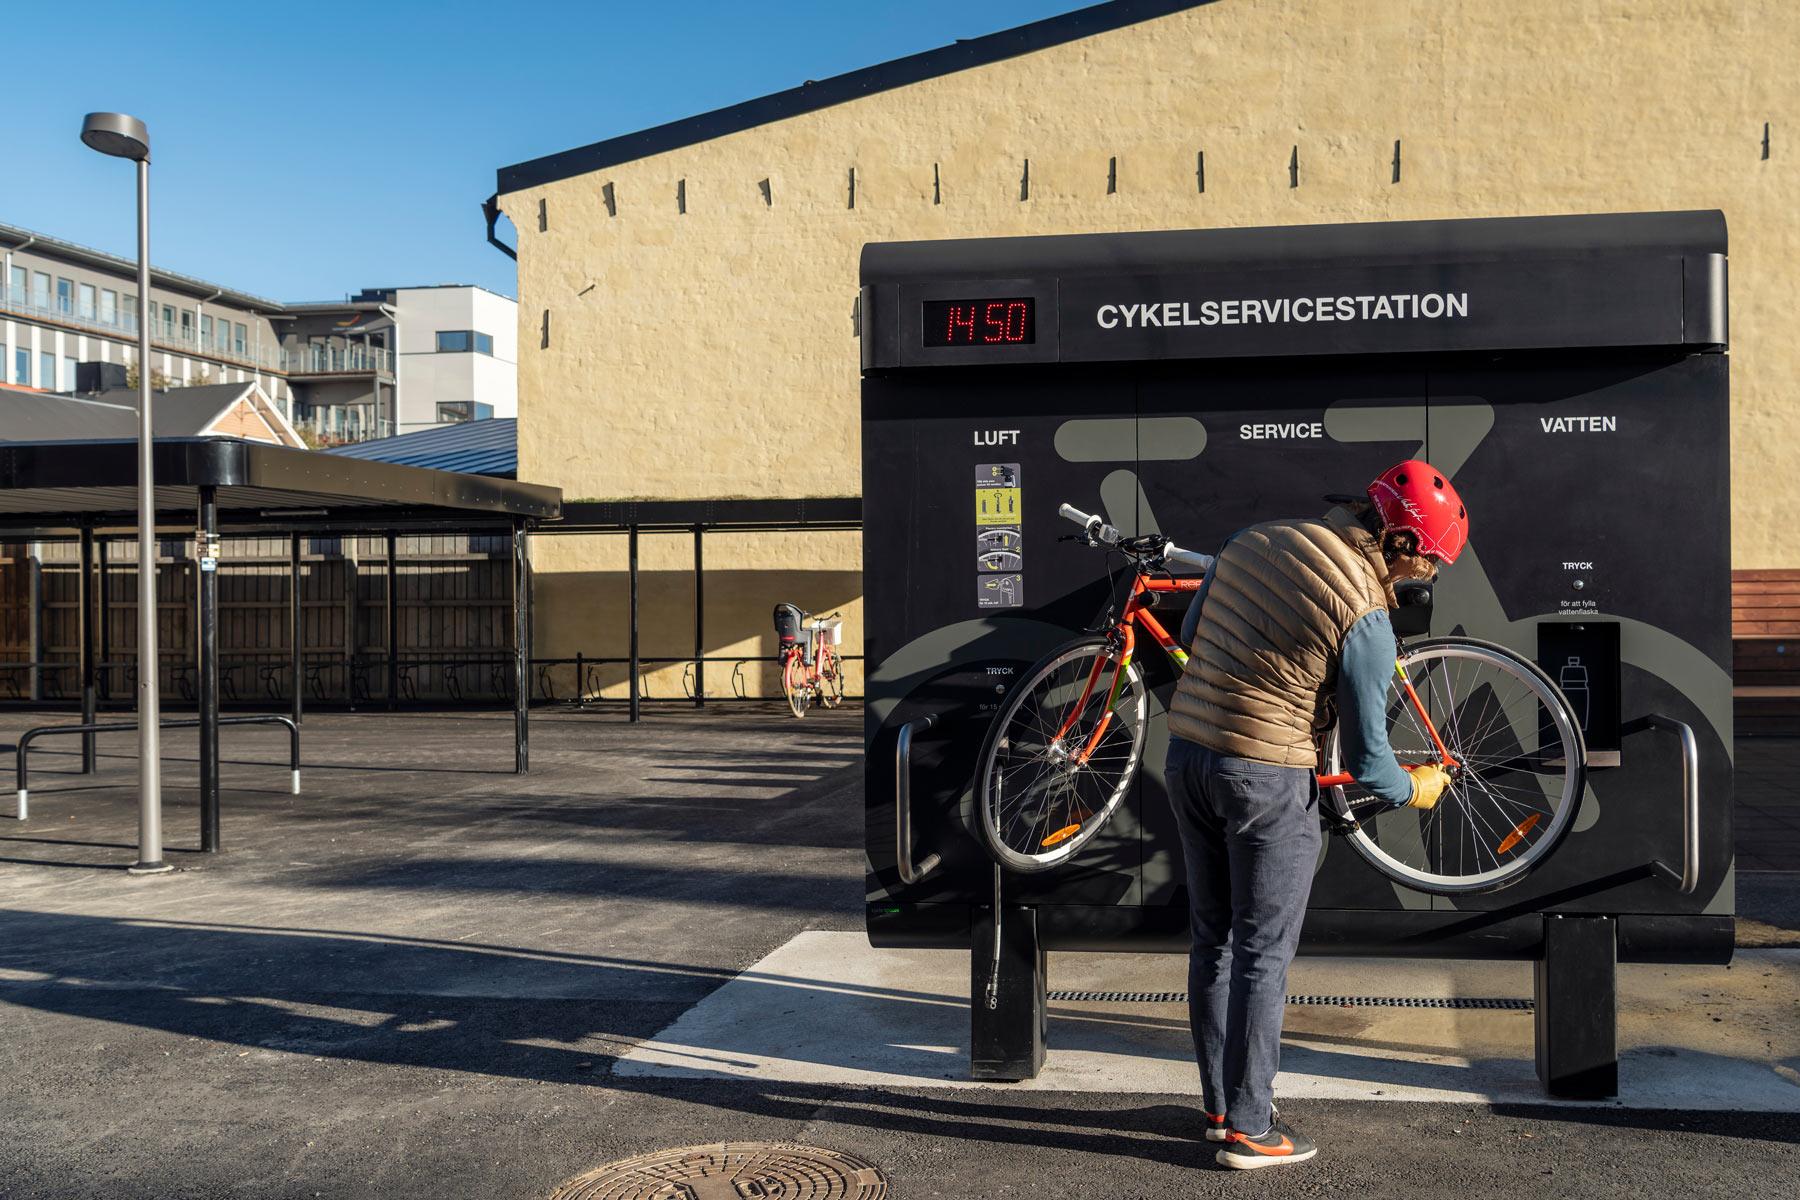 Cyklist mekar med sin cykel på en cykelservicestation från Cyklos